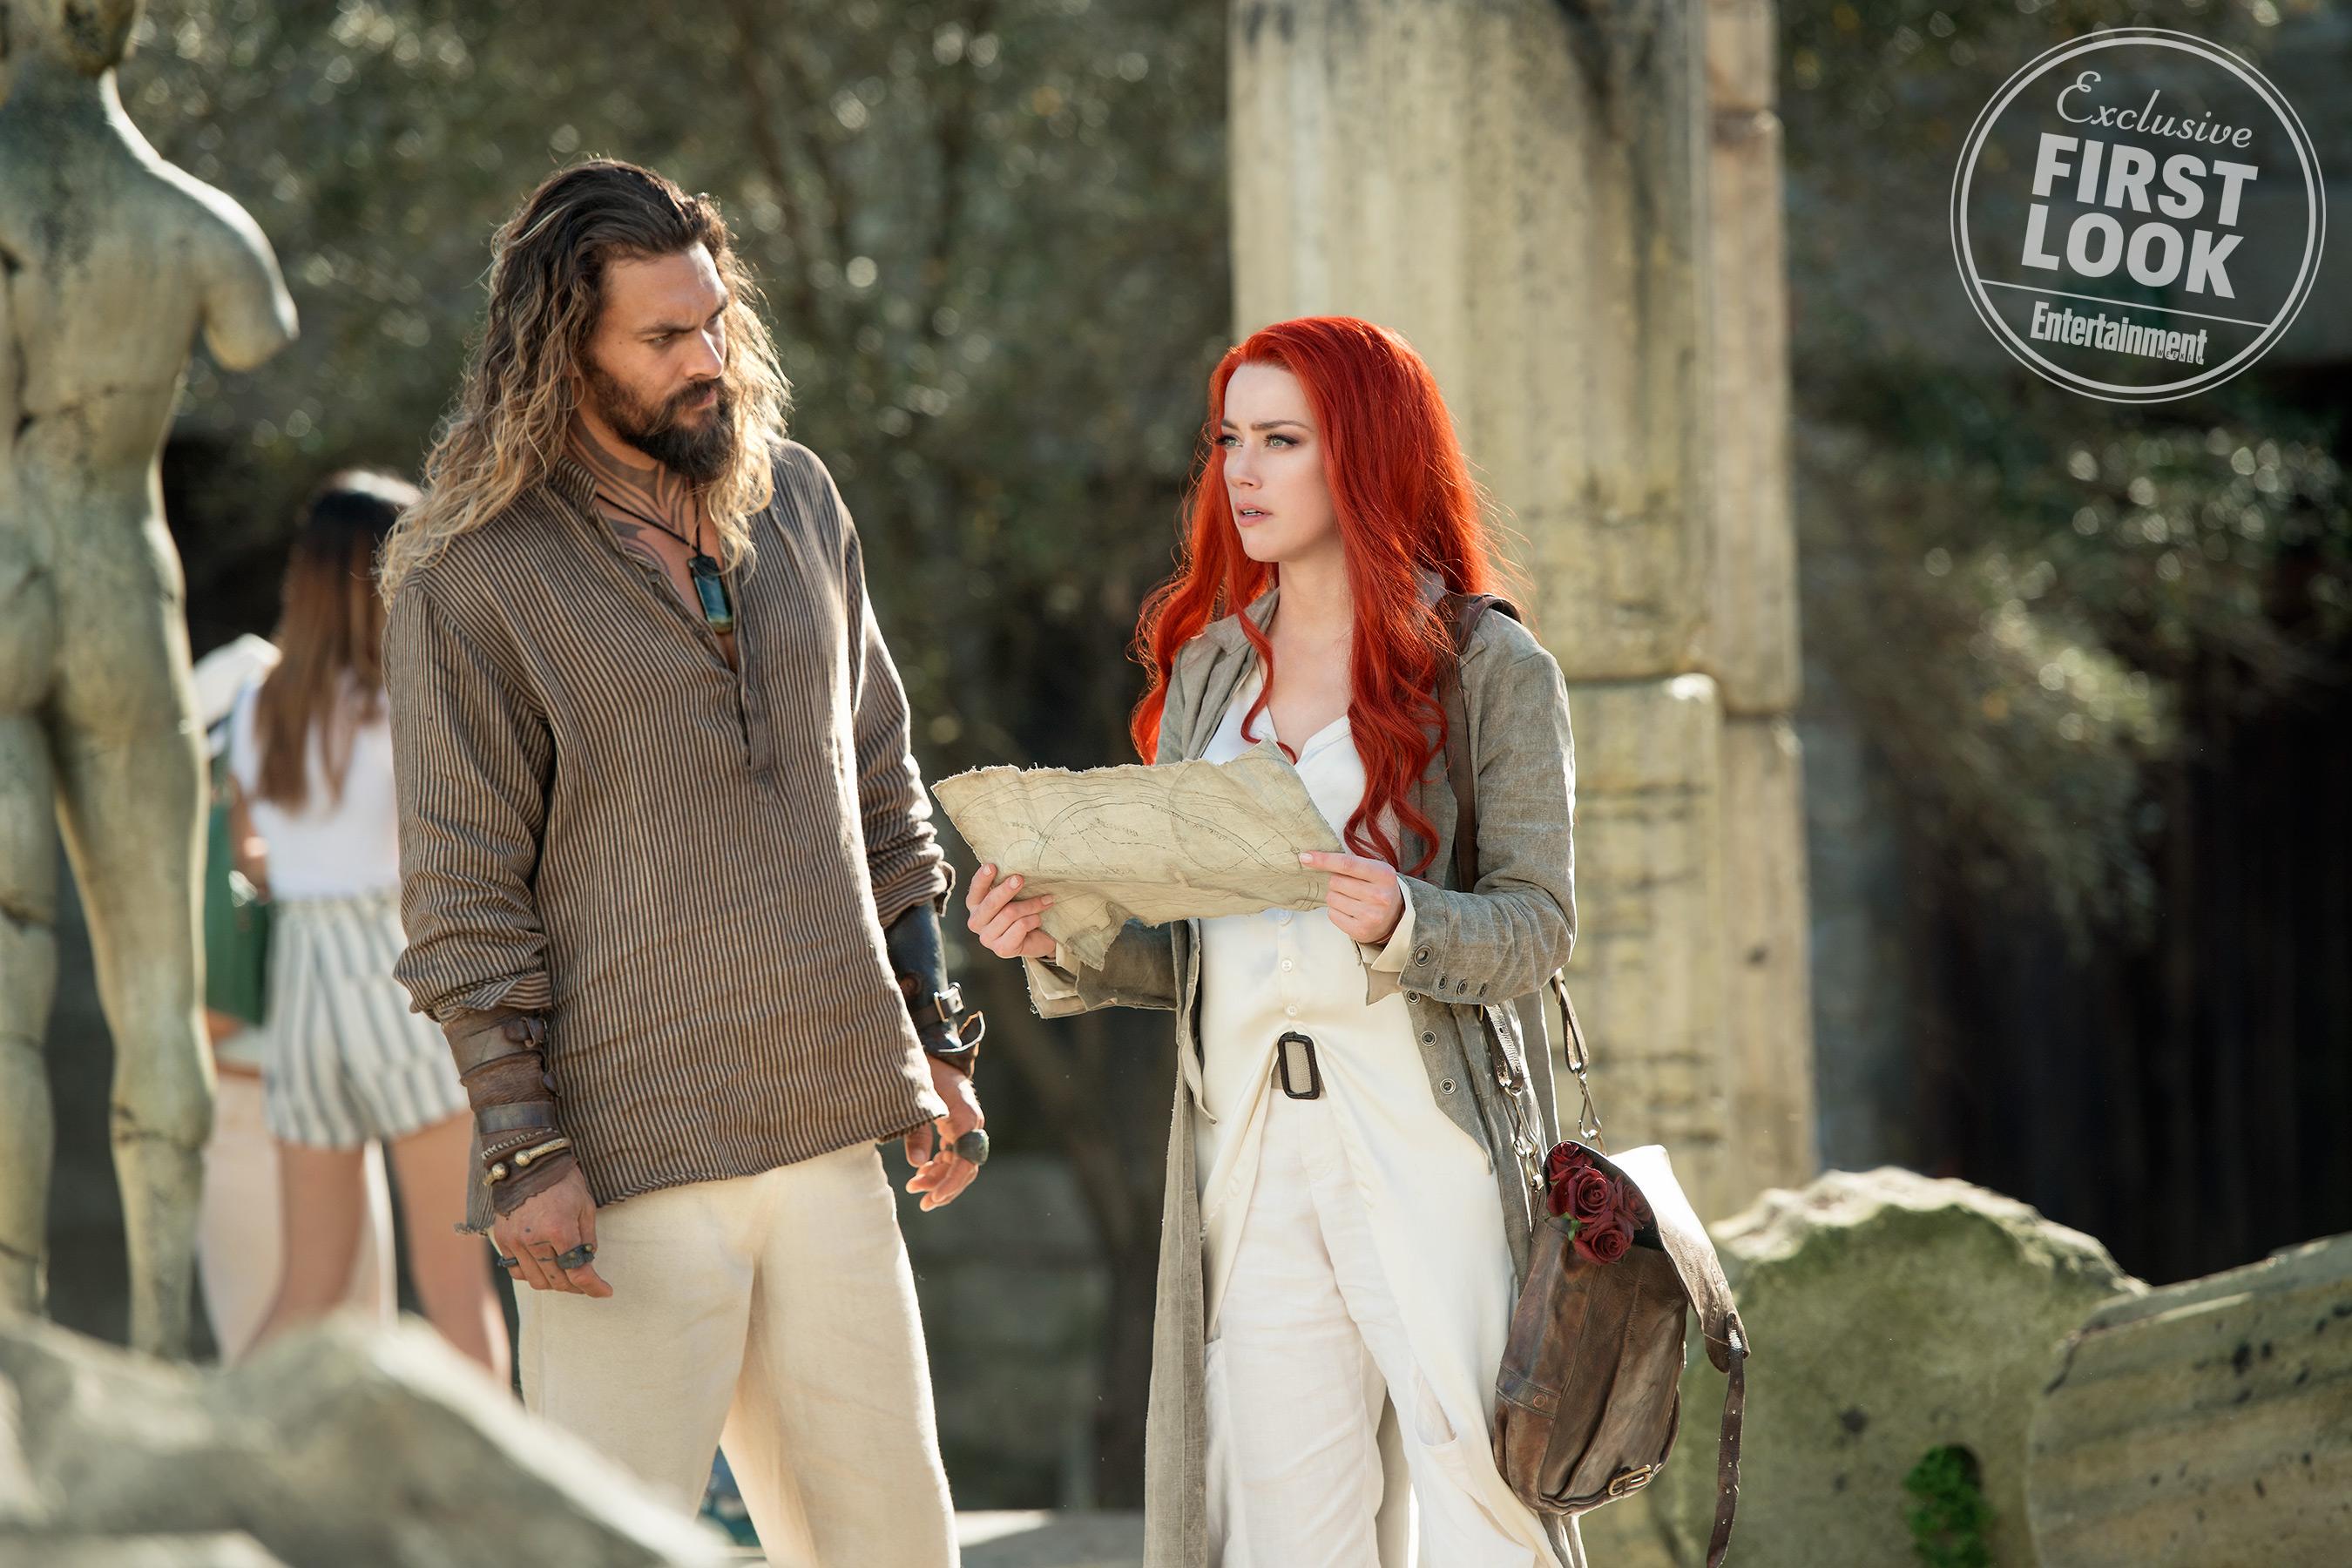 Arthur Curry és Mera (Amber Heard) egy szárazföldi kalandra indul.<br /><br />Jasin Boland/Warner Bros.